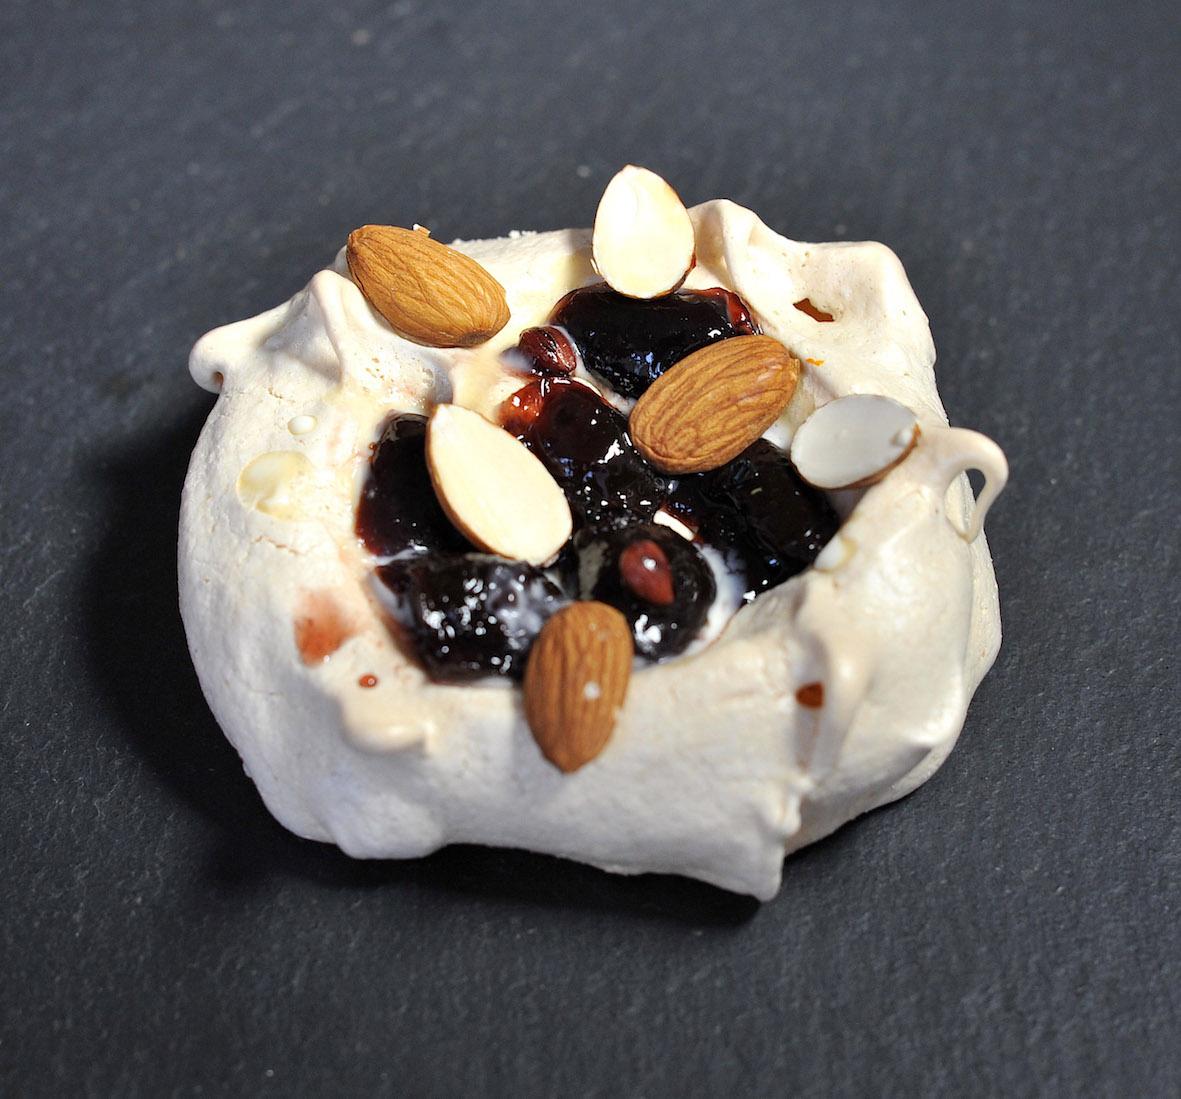 meringues_bcbp catering.jpg